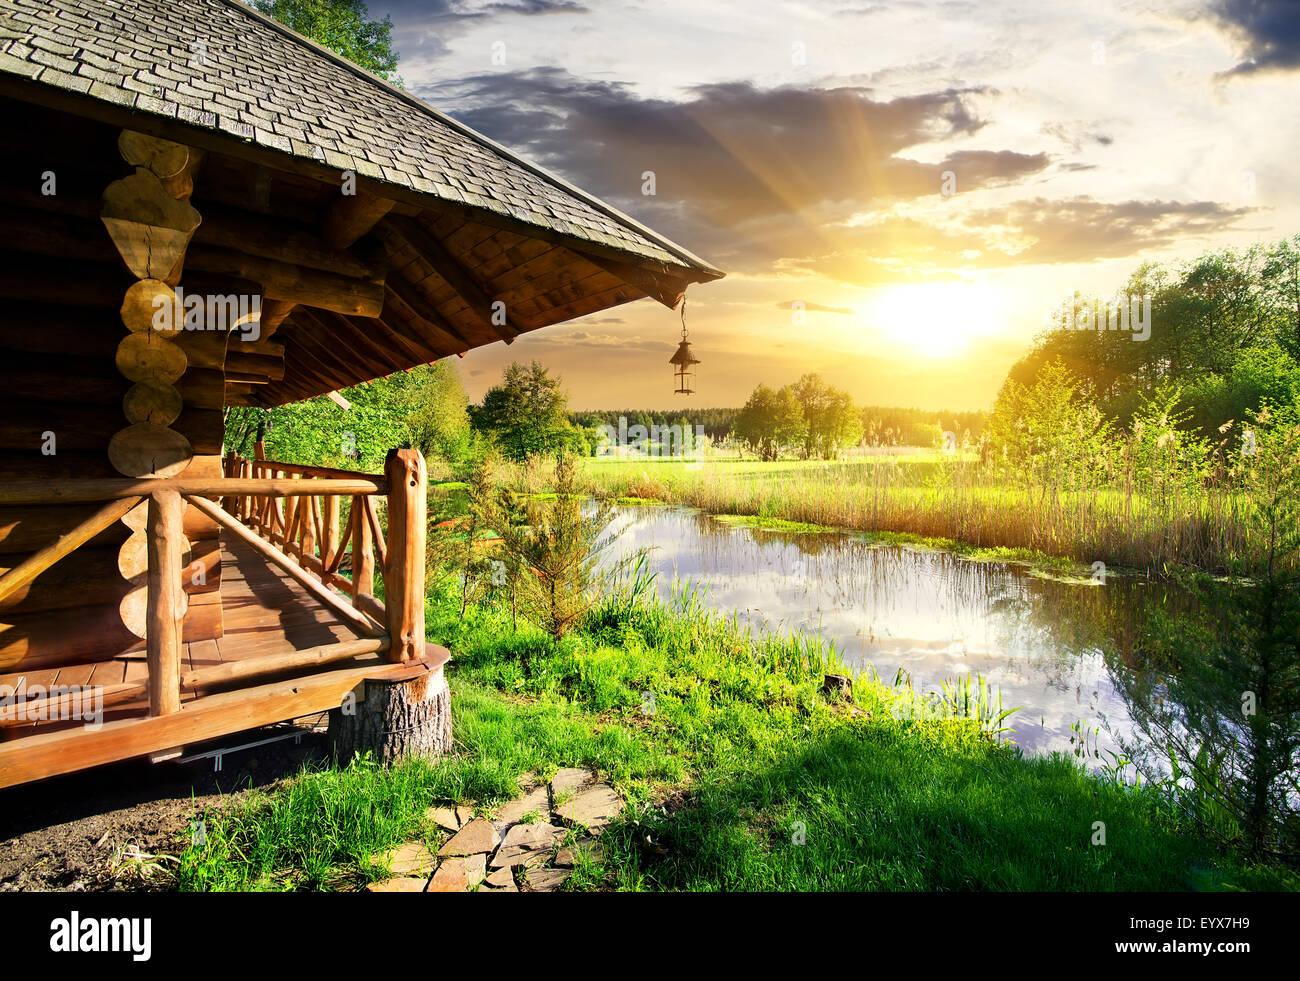 Hölzerne Badehaus in der Nähe von See bei Sonnenuntergang Stockbild